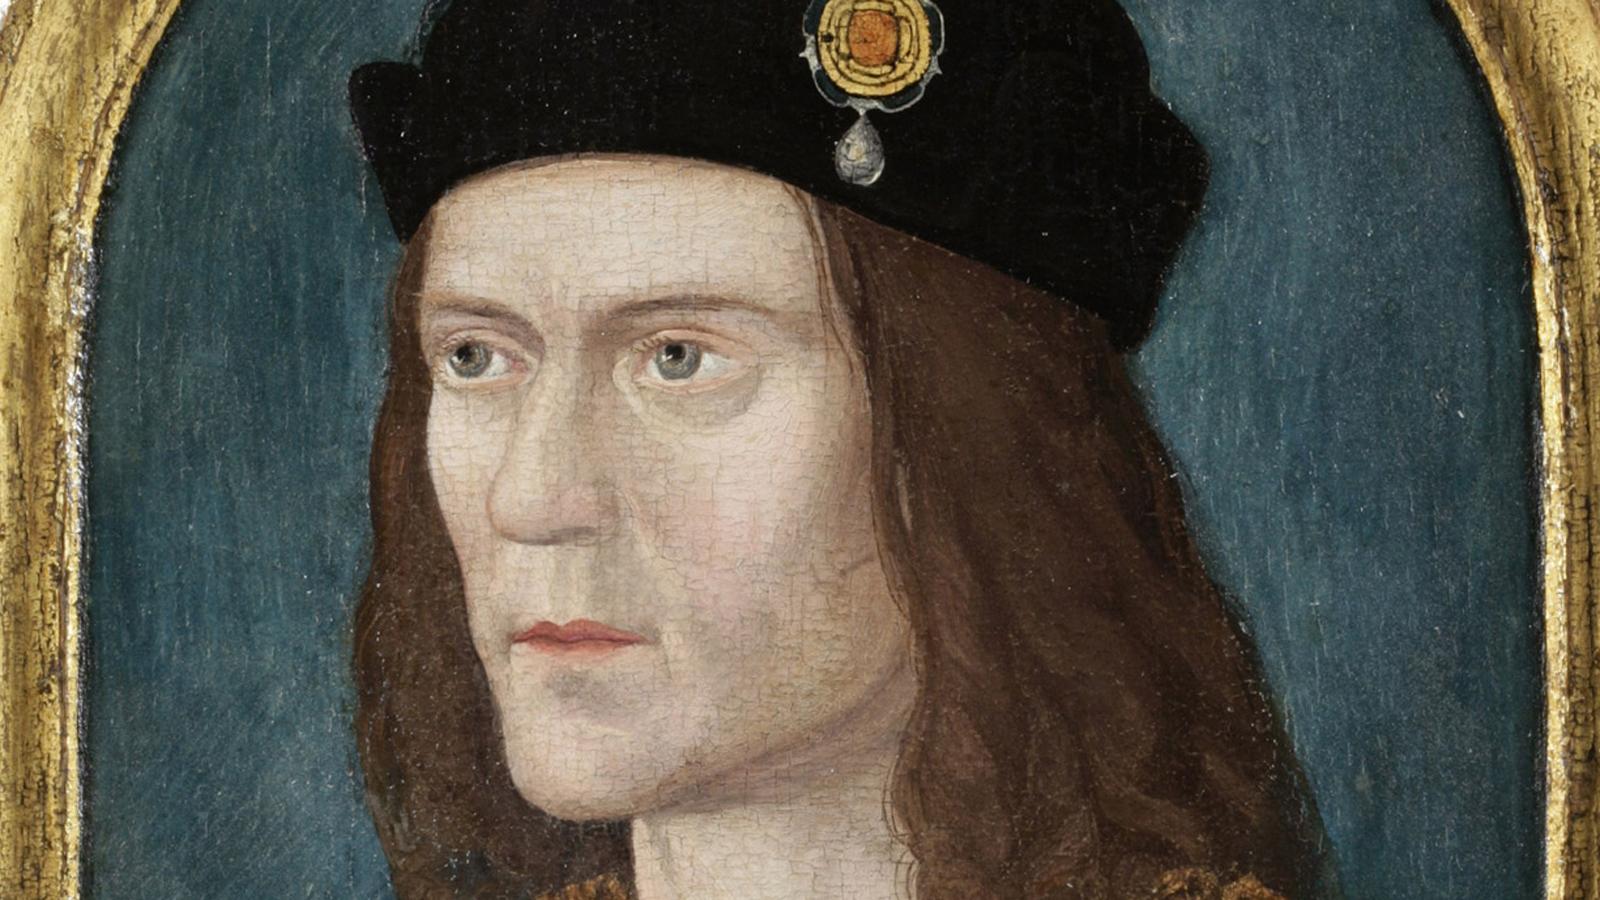 Richard III and Machiavelli